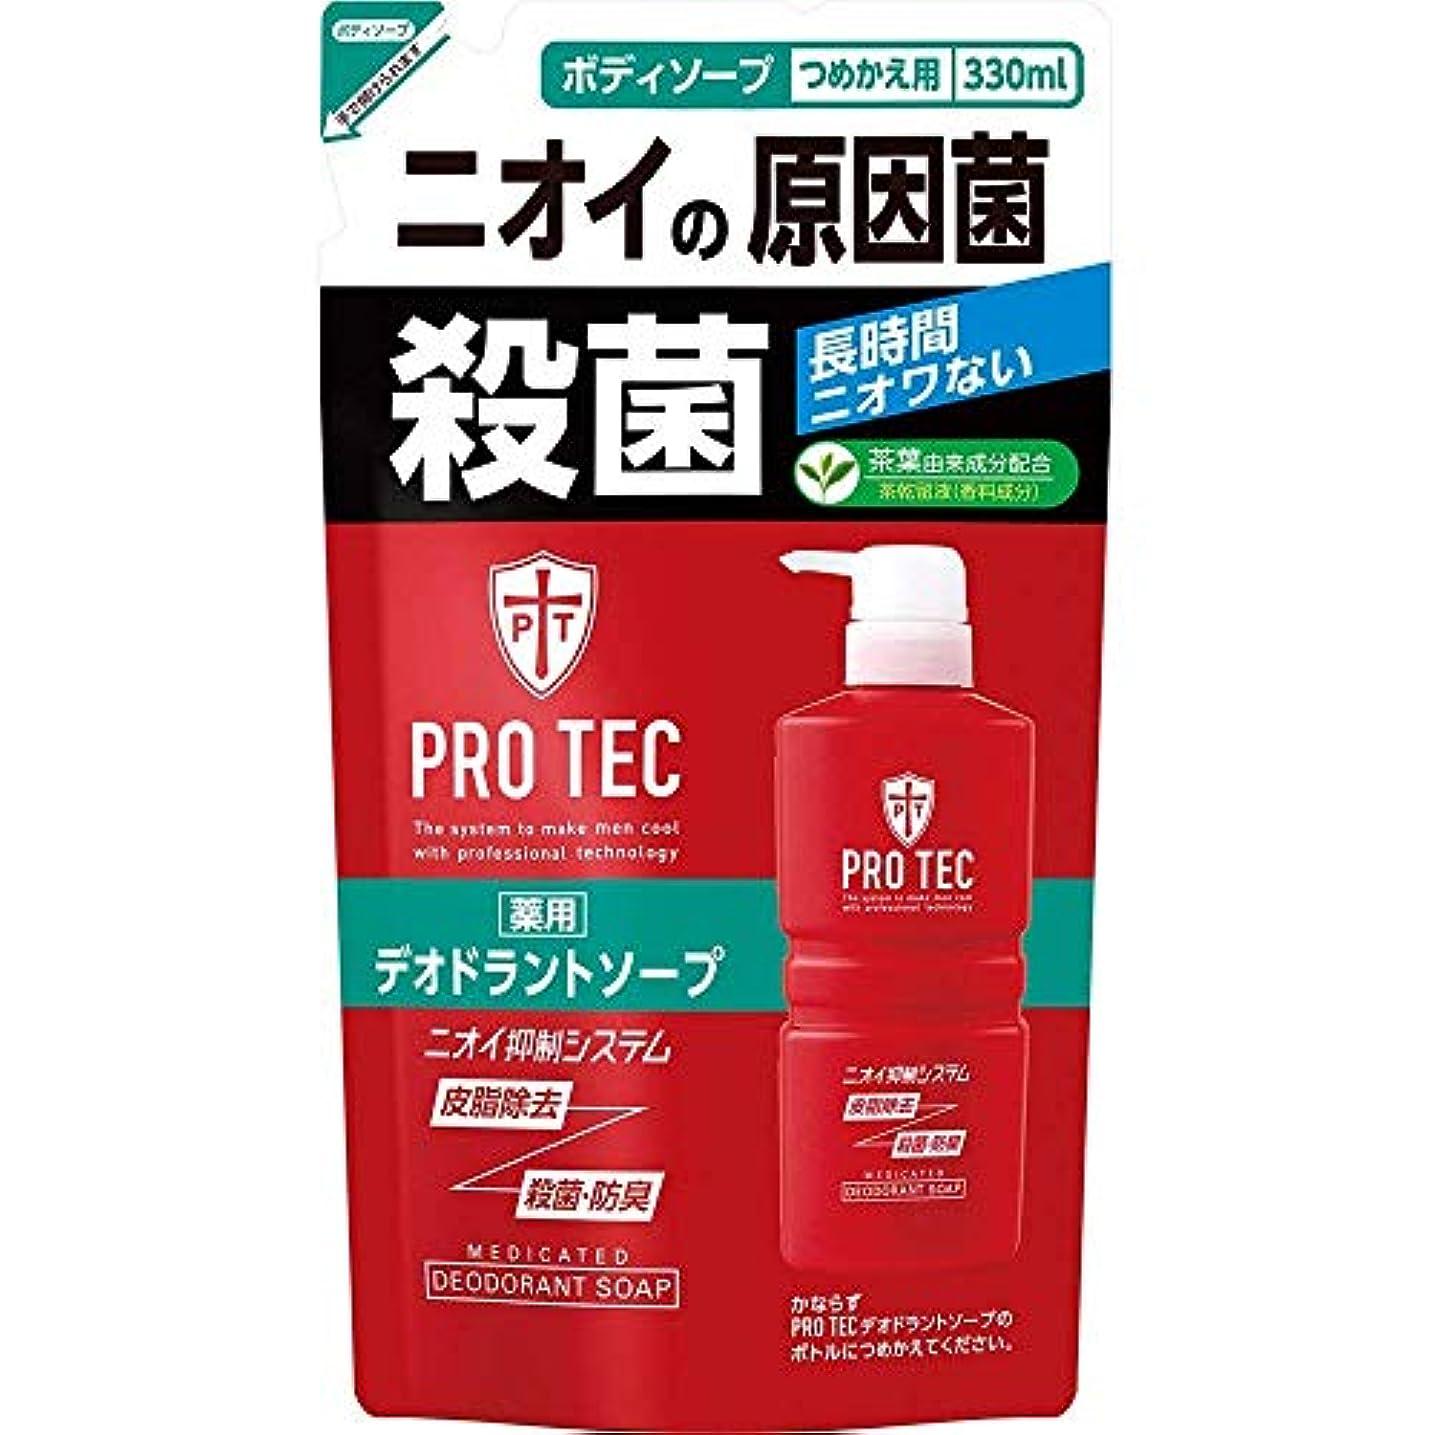 パンサー教部分的に【ライオン】PRO TEC(プロテク) デオドラントソープつめかえ 330ml ×15個セット